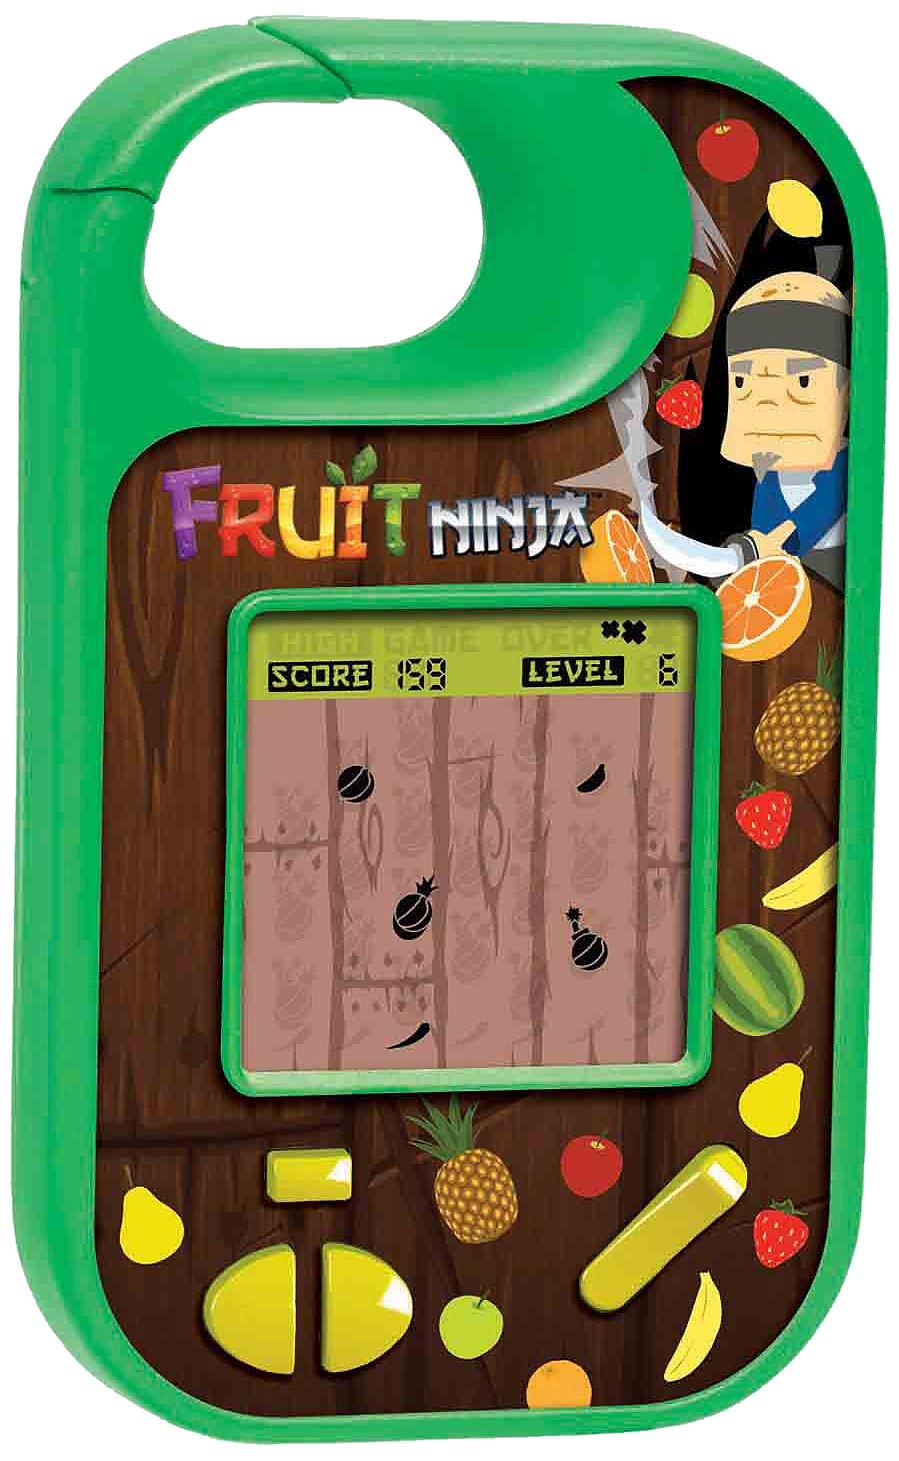 Ingo BSG006Z - Juego electr?nico de Ninja y frutas con ...